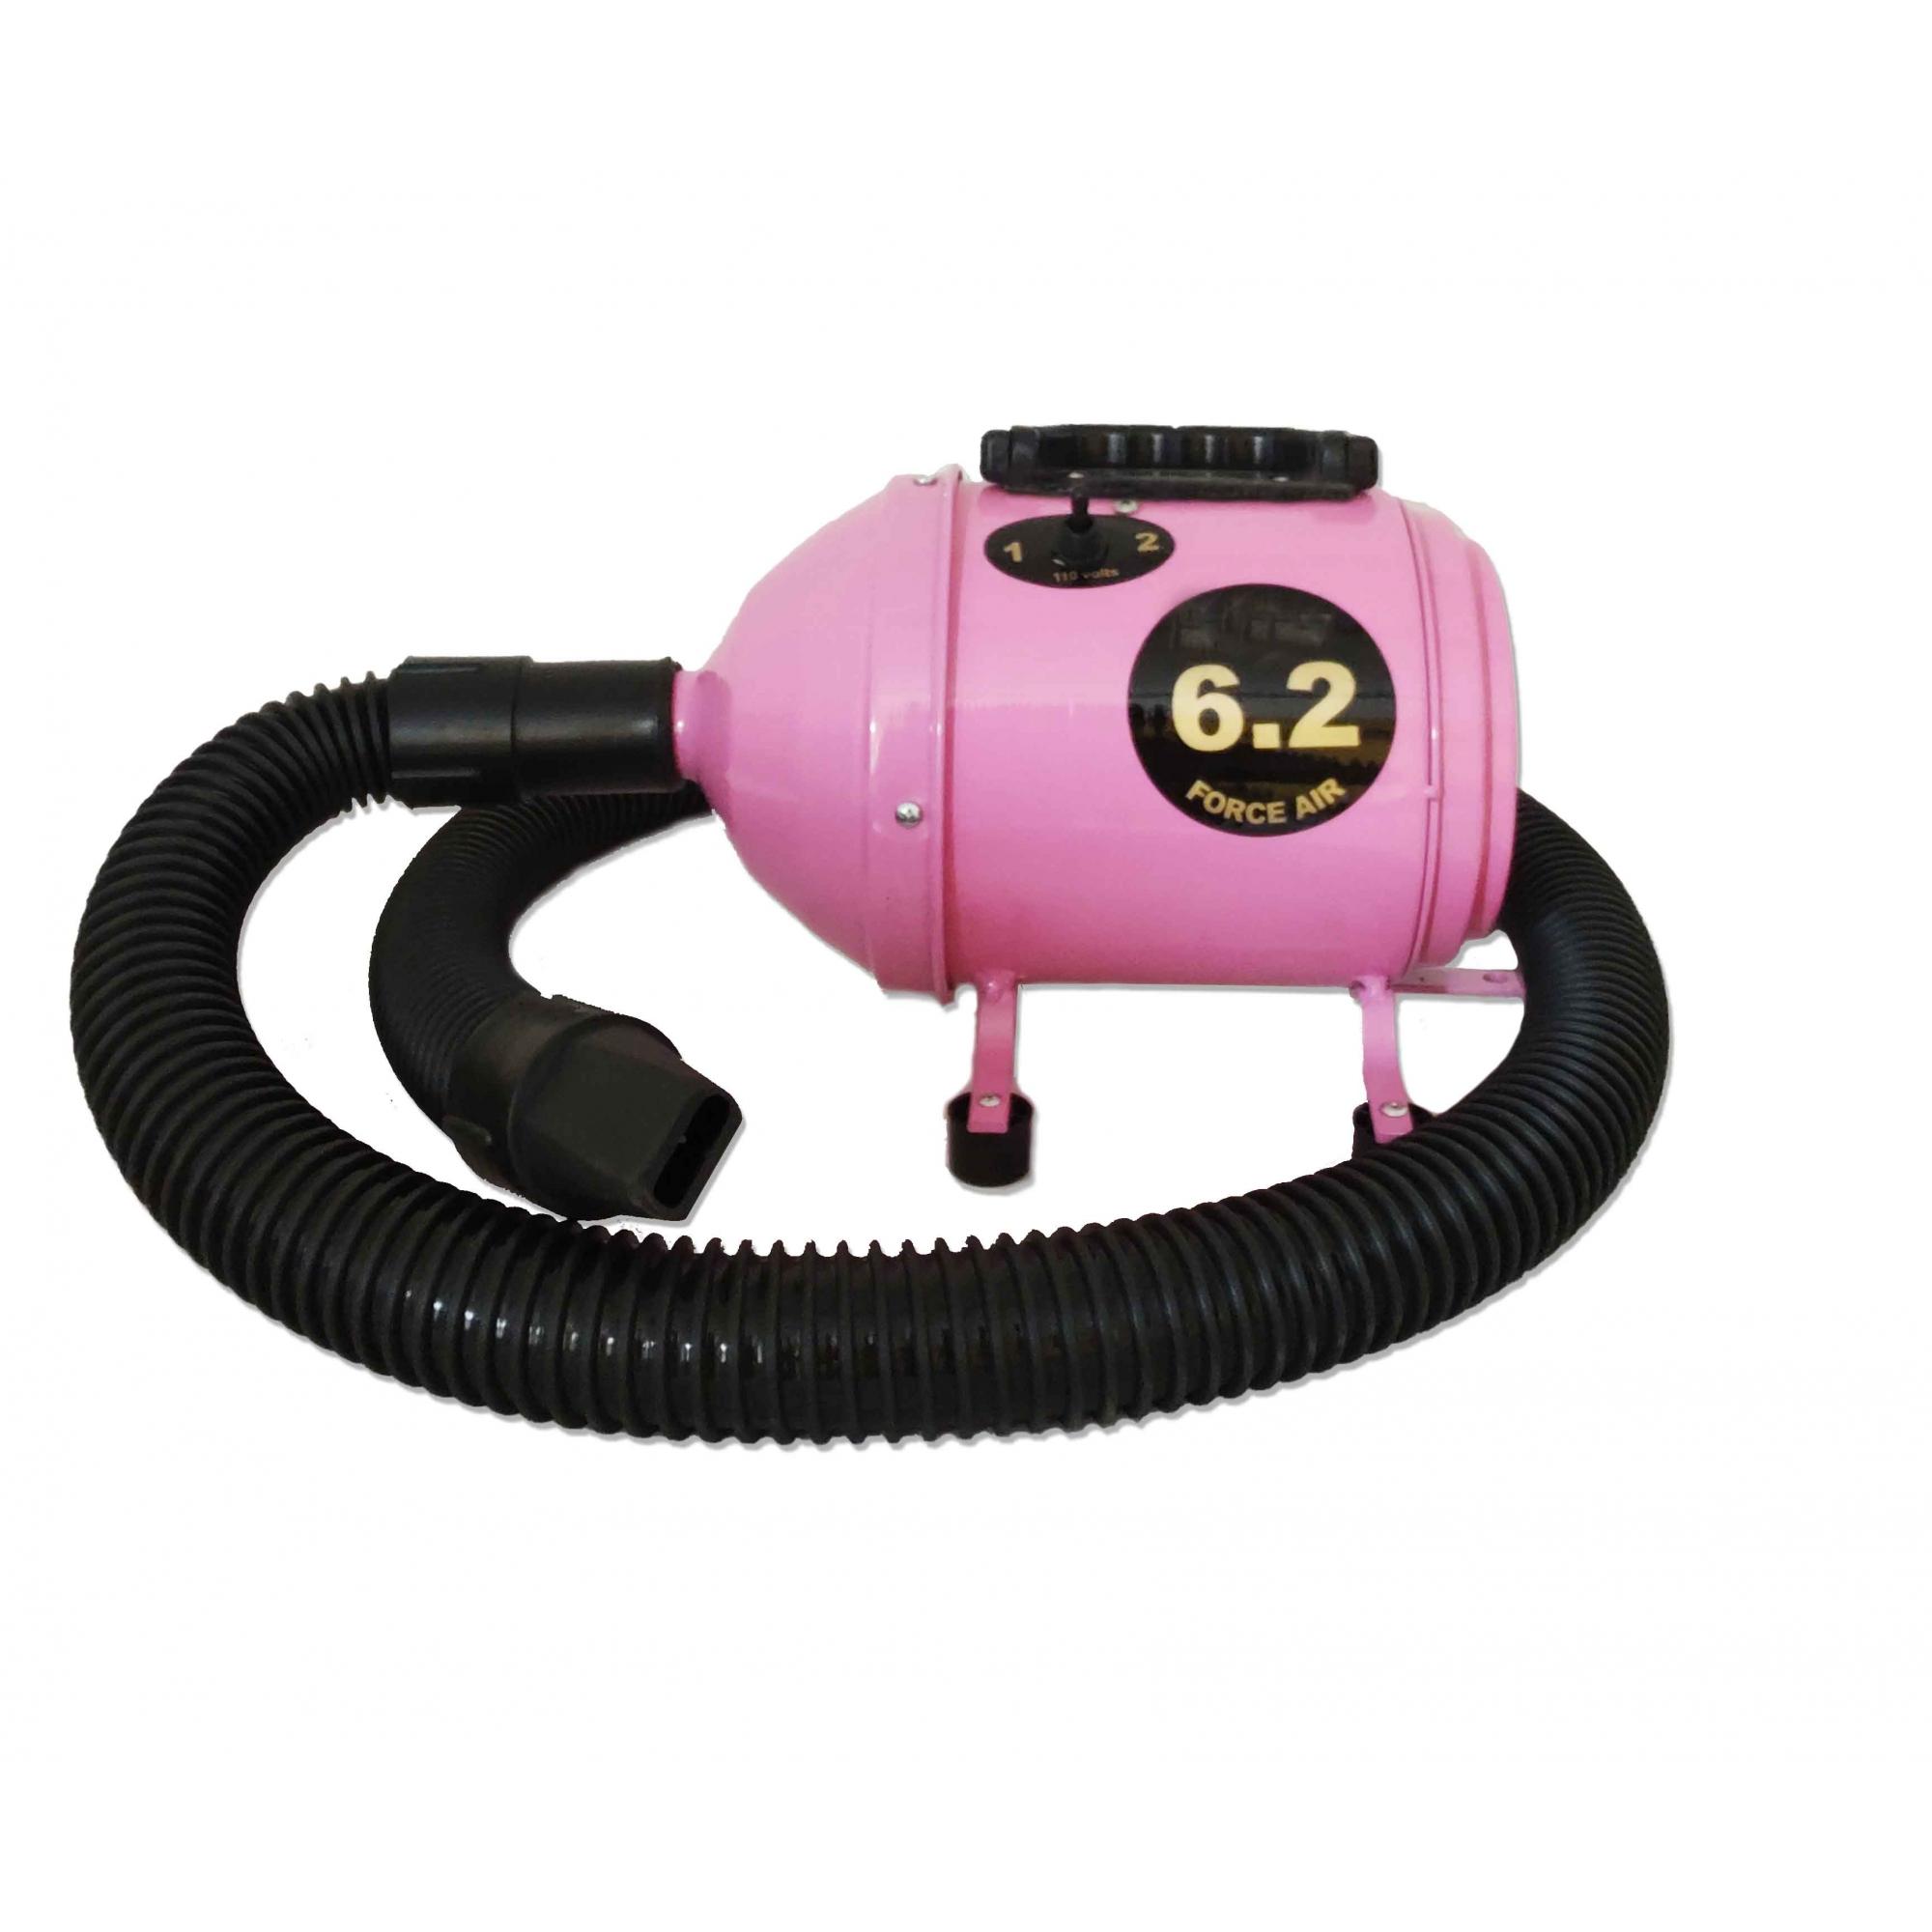 Soprador Venezia 6.2 Rosa - 110 Volts